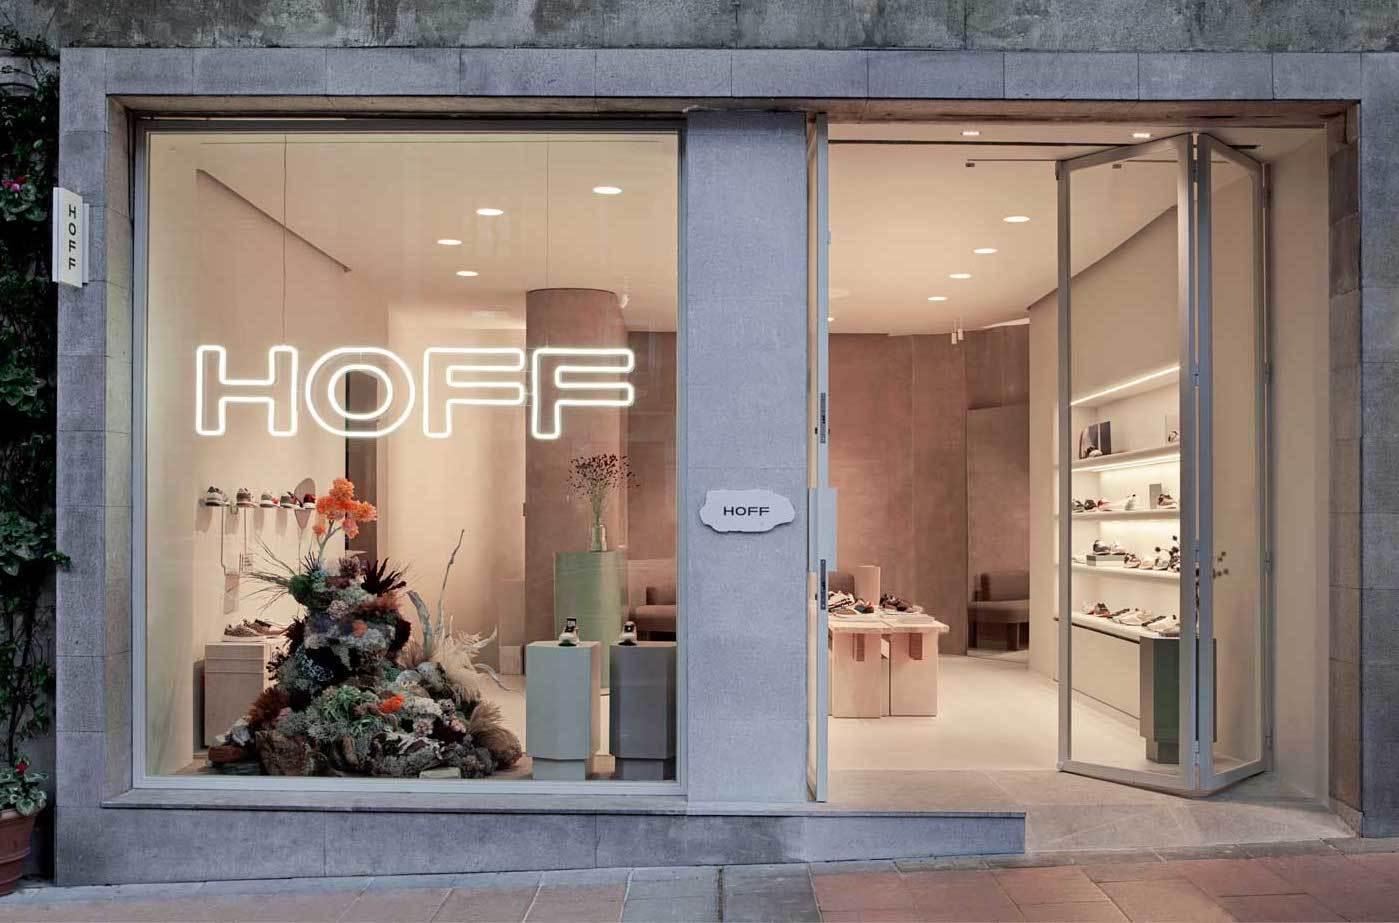 Hoff tienda zapatillas